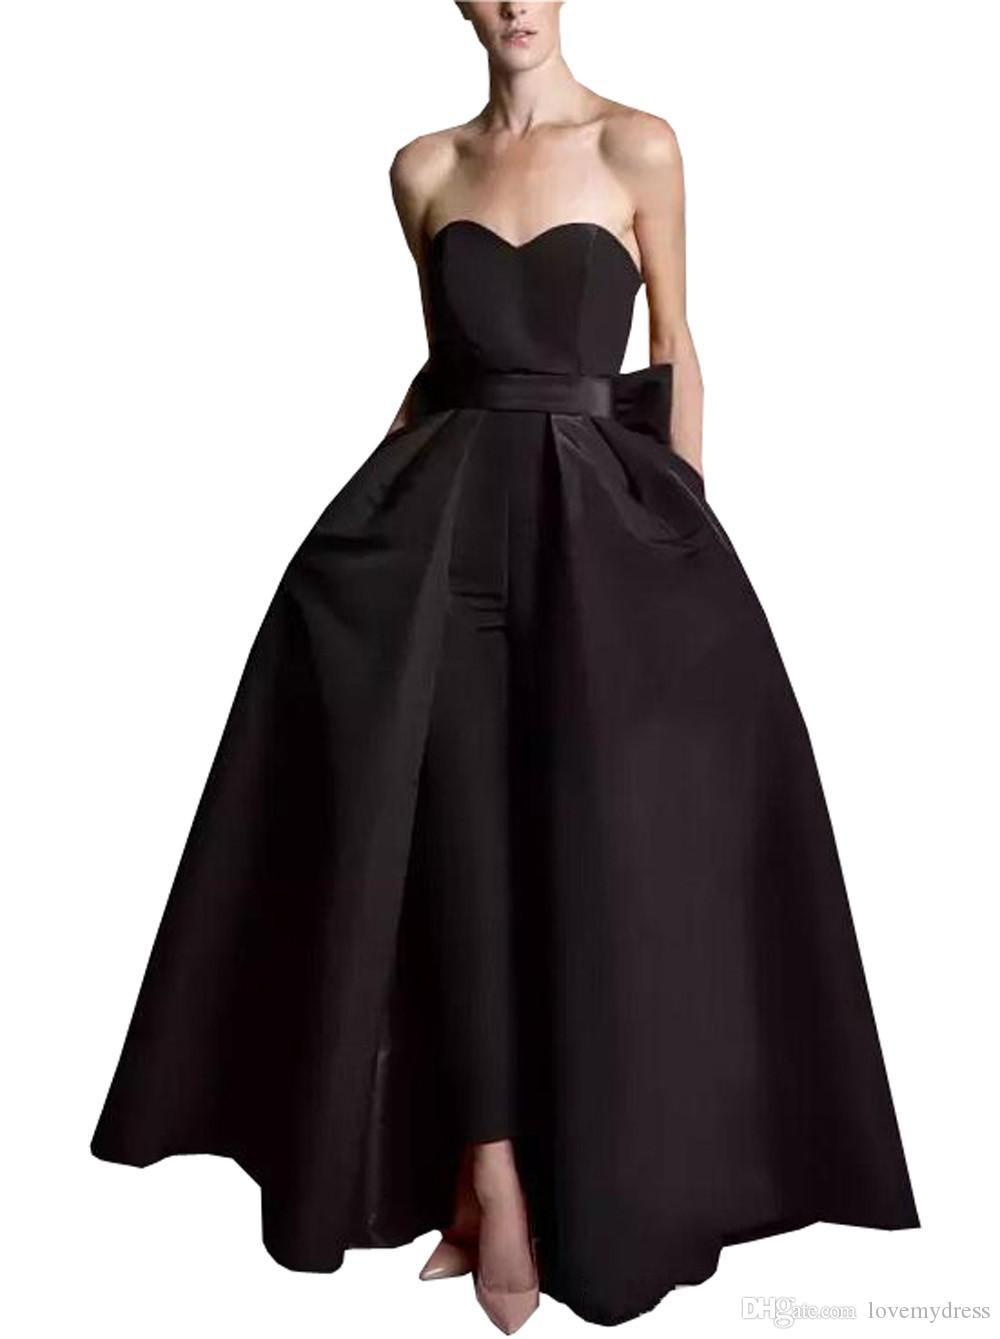 Abend Ausgezeichnet Abendkleid Englisch Design20 Schön Abendkleid Englisch Stylish